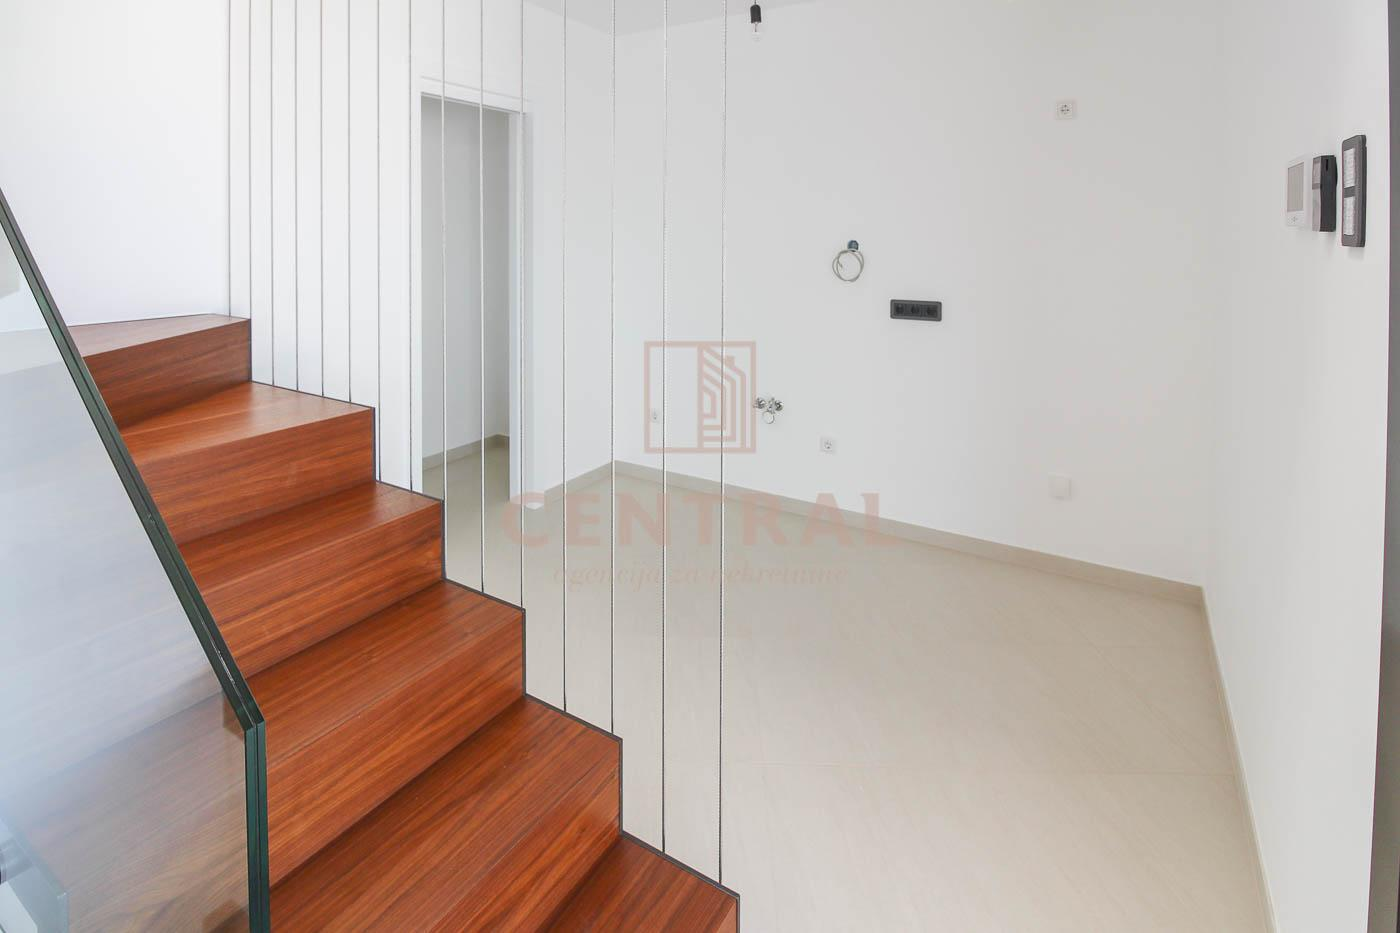 Malinska, otok Krk, obiteljska vila na tri etaže, površine 180 m2 sa pripadajućim dvorištem od 251 m2